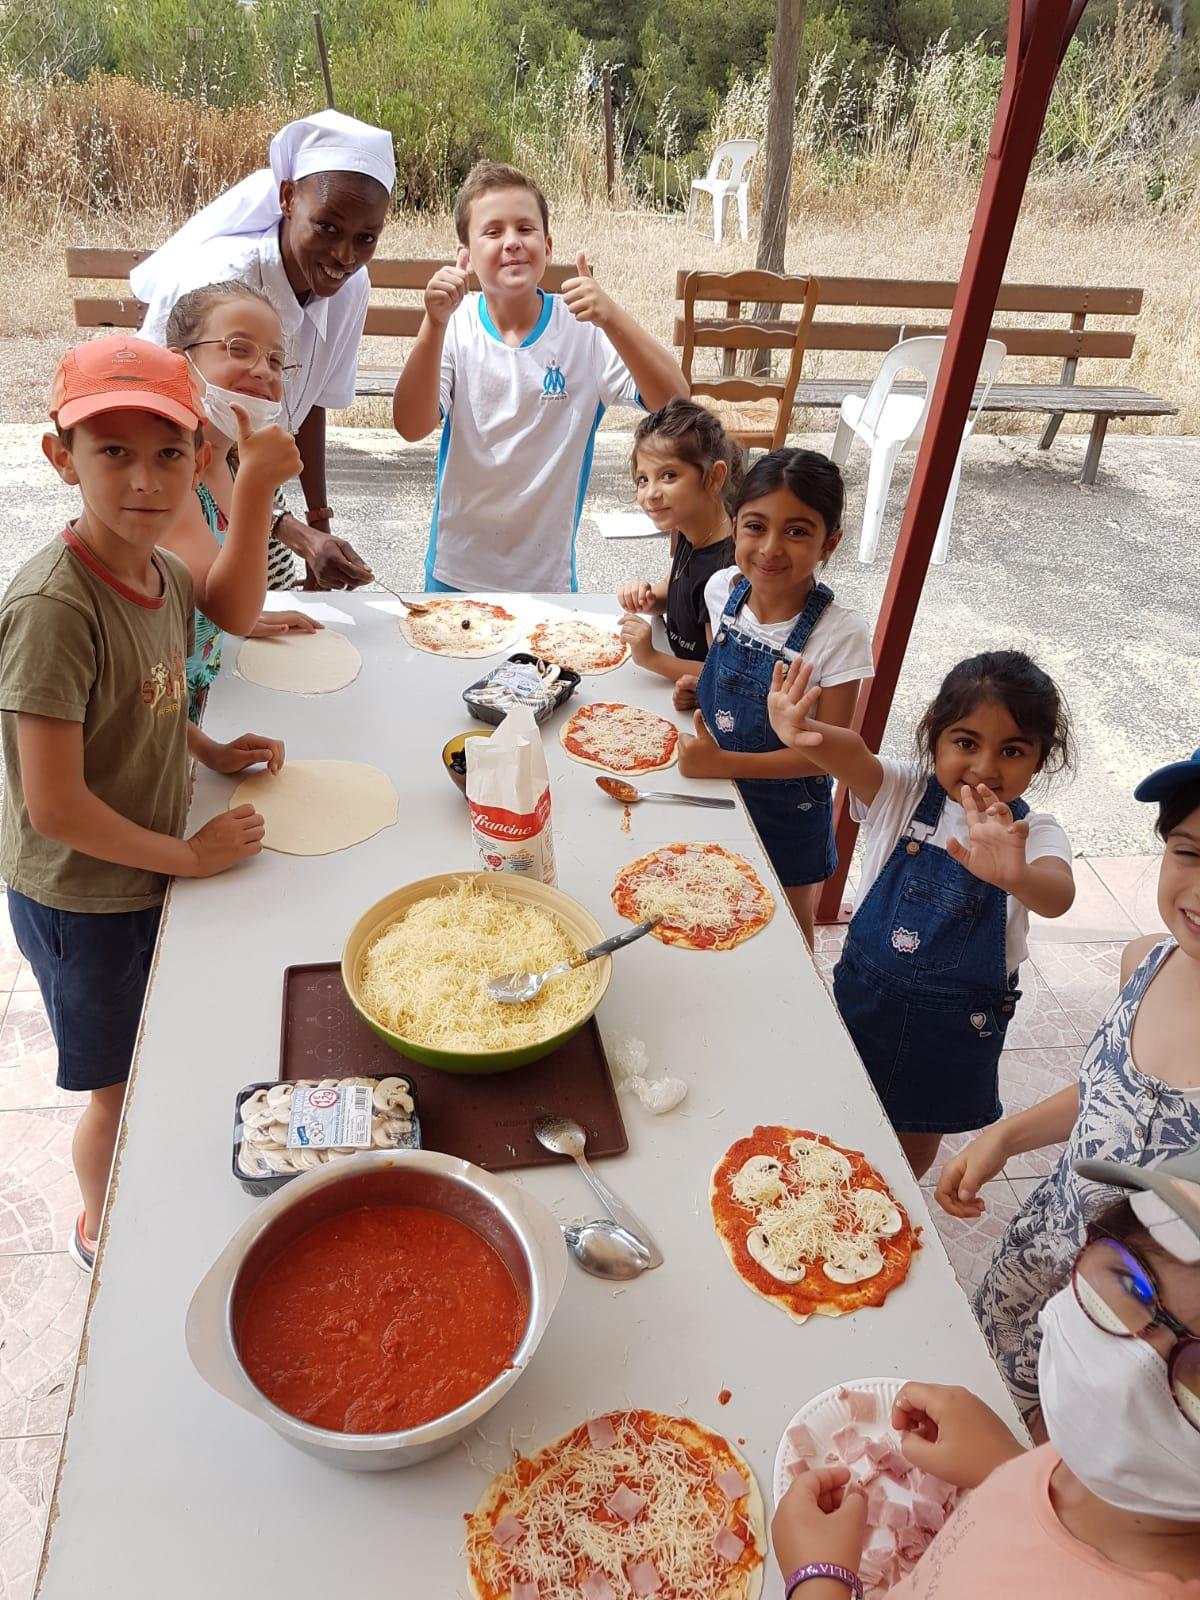 Journée de sortie à Saint Julien des enfants du KT et leurs Catéchistes pour rendre grâce au Seigneur pour cette belle année passée ensemble. Un grand merci au Père Sathiya et aux Catéchistes.